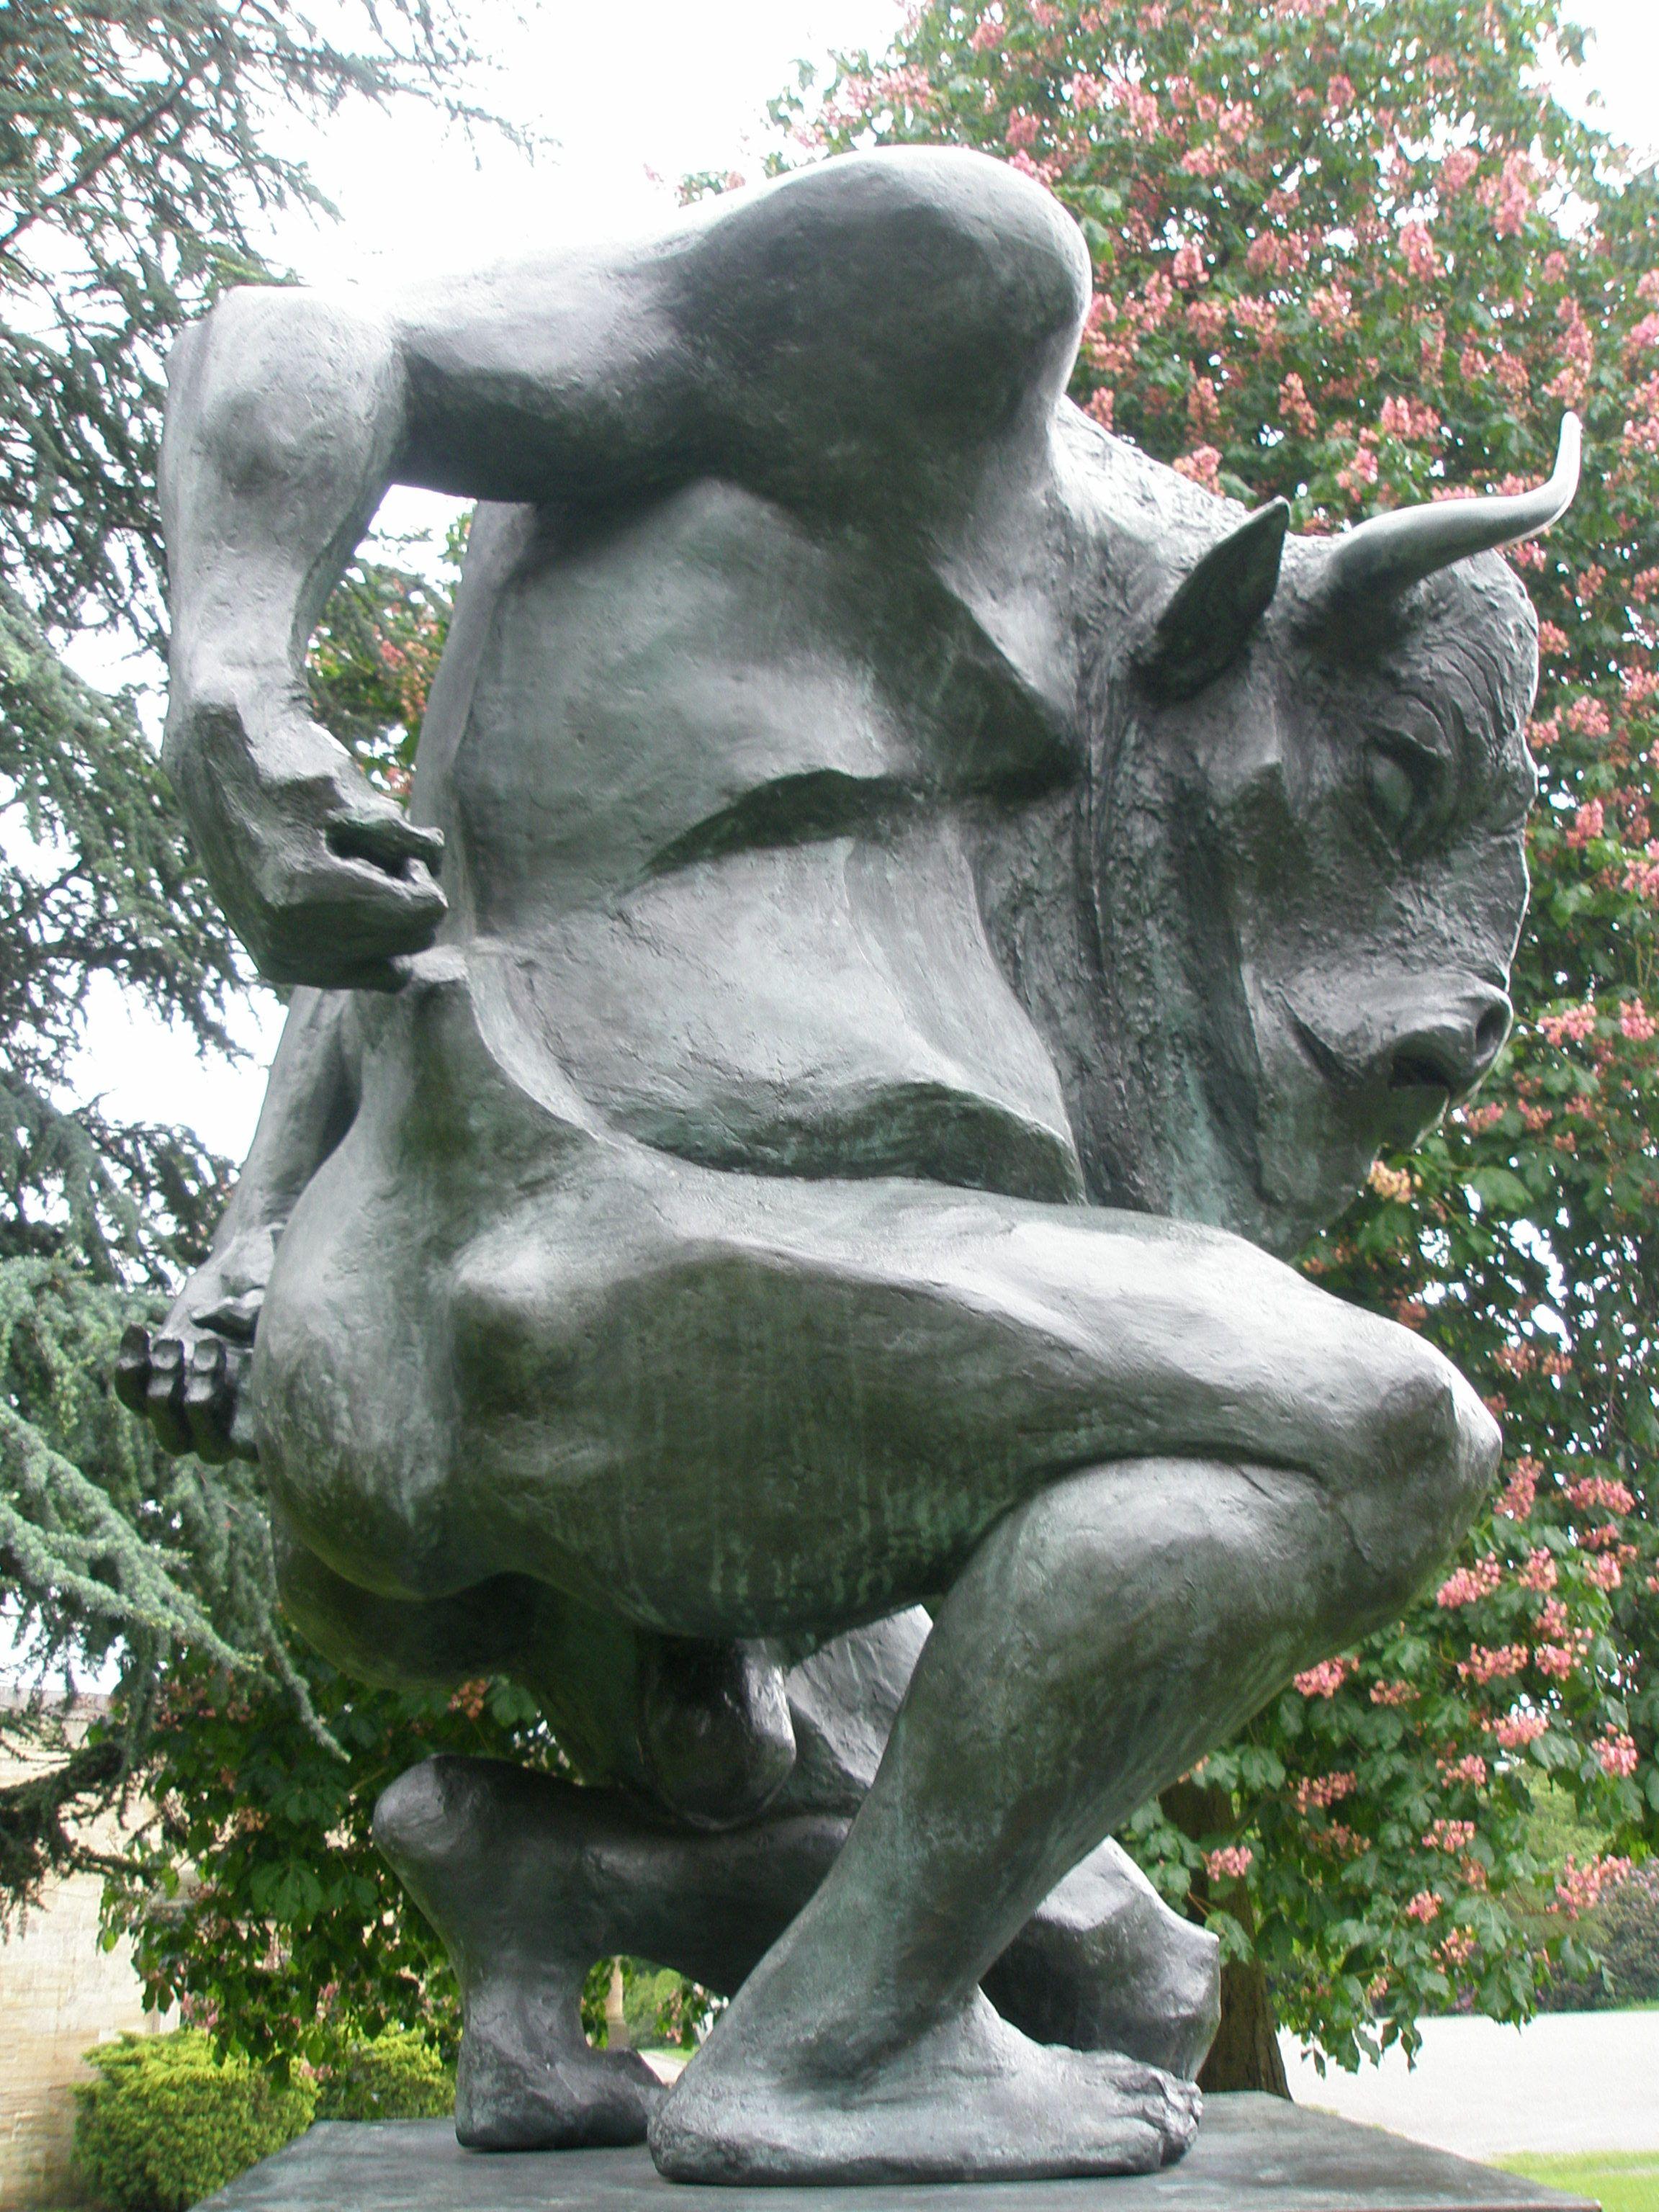 Minotaur in Yorkshire sculpture park